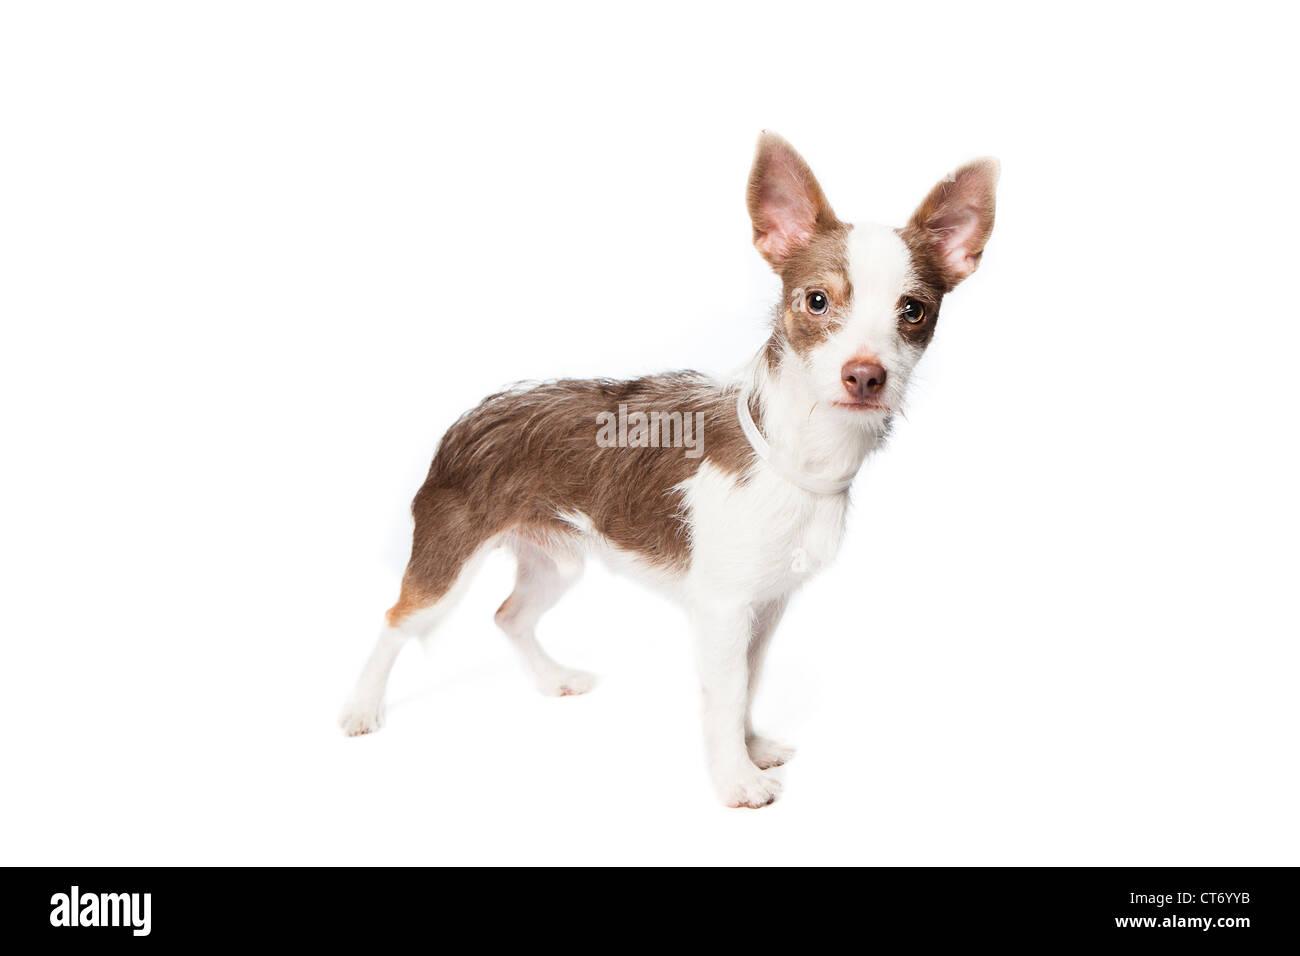 Ein weiß und Tan Wire haired Terrier auf einem weißen Hintergrund ...